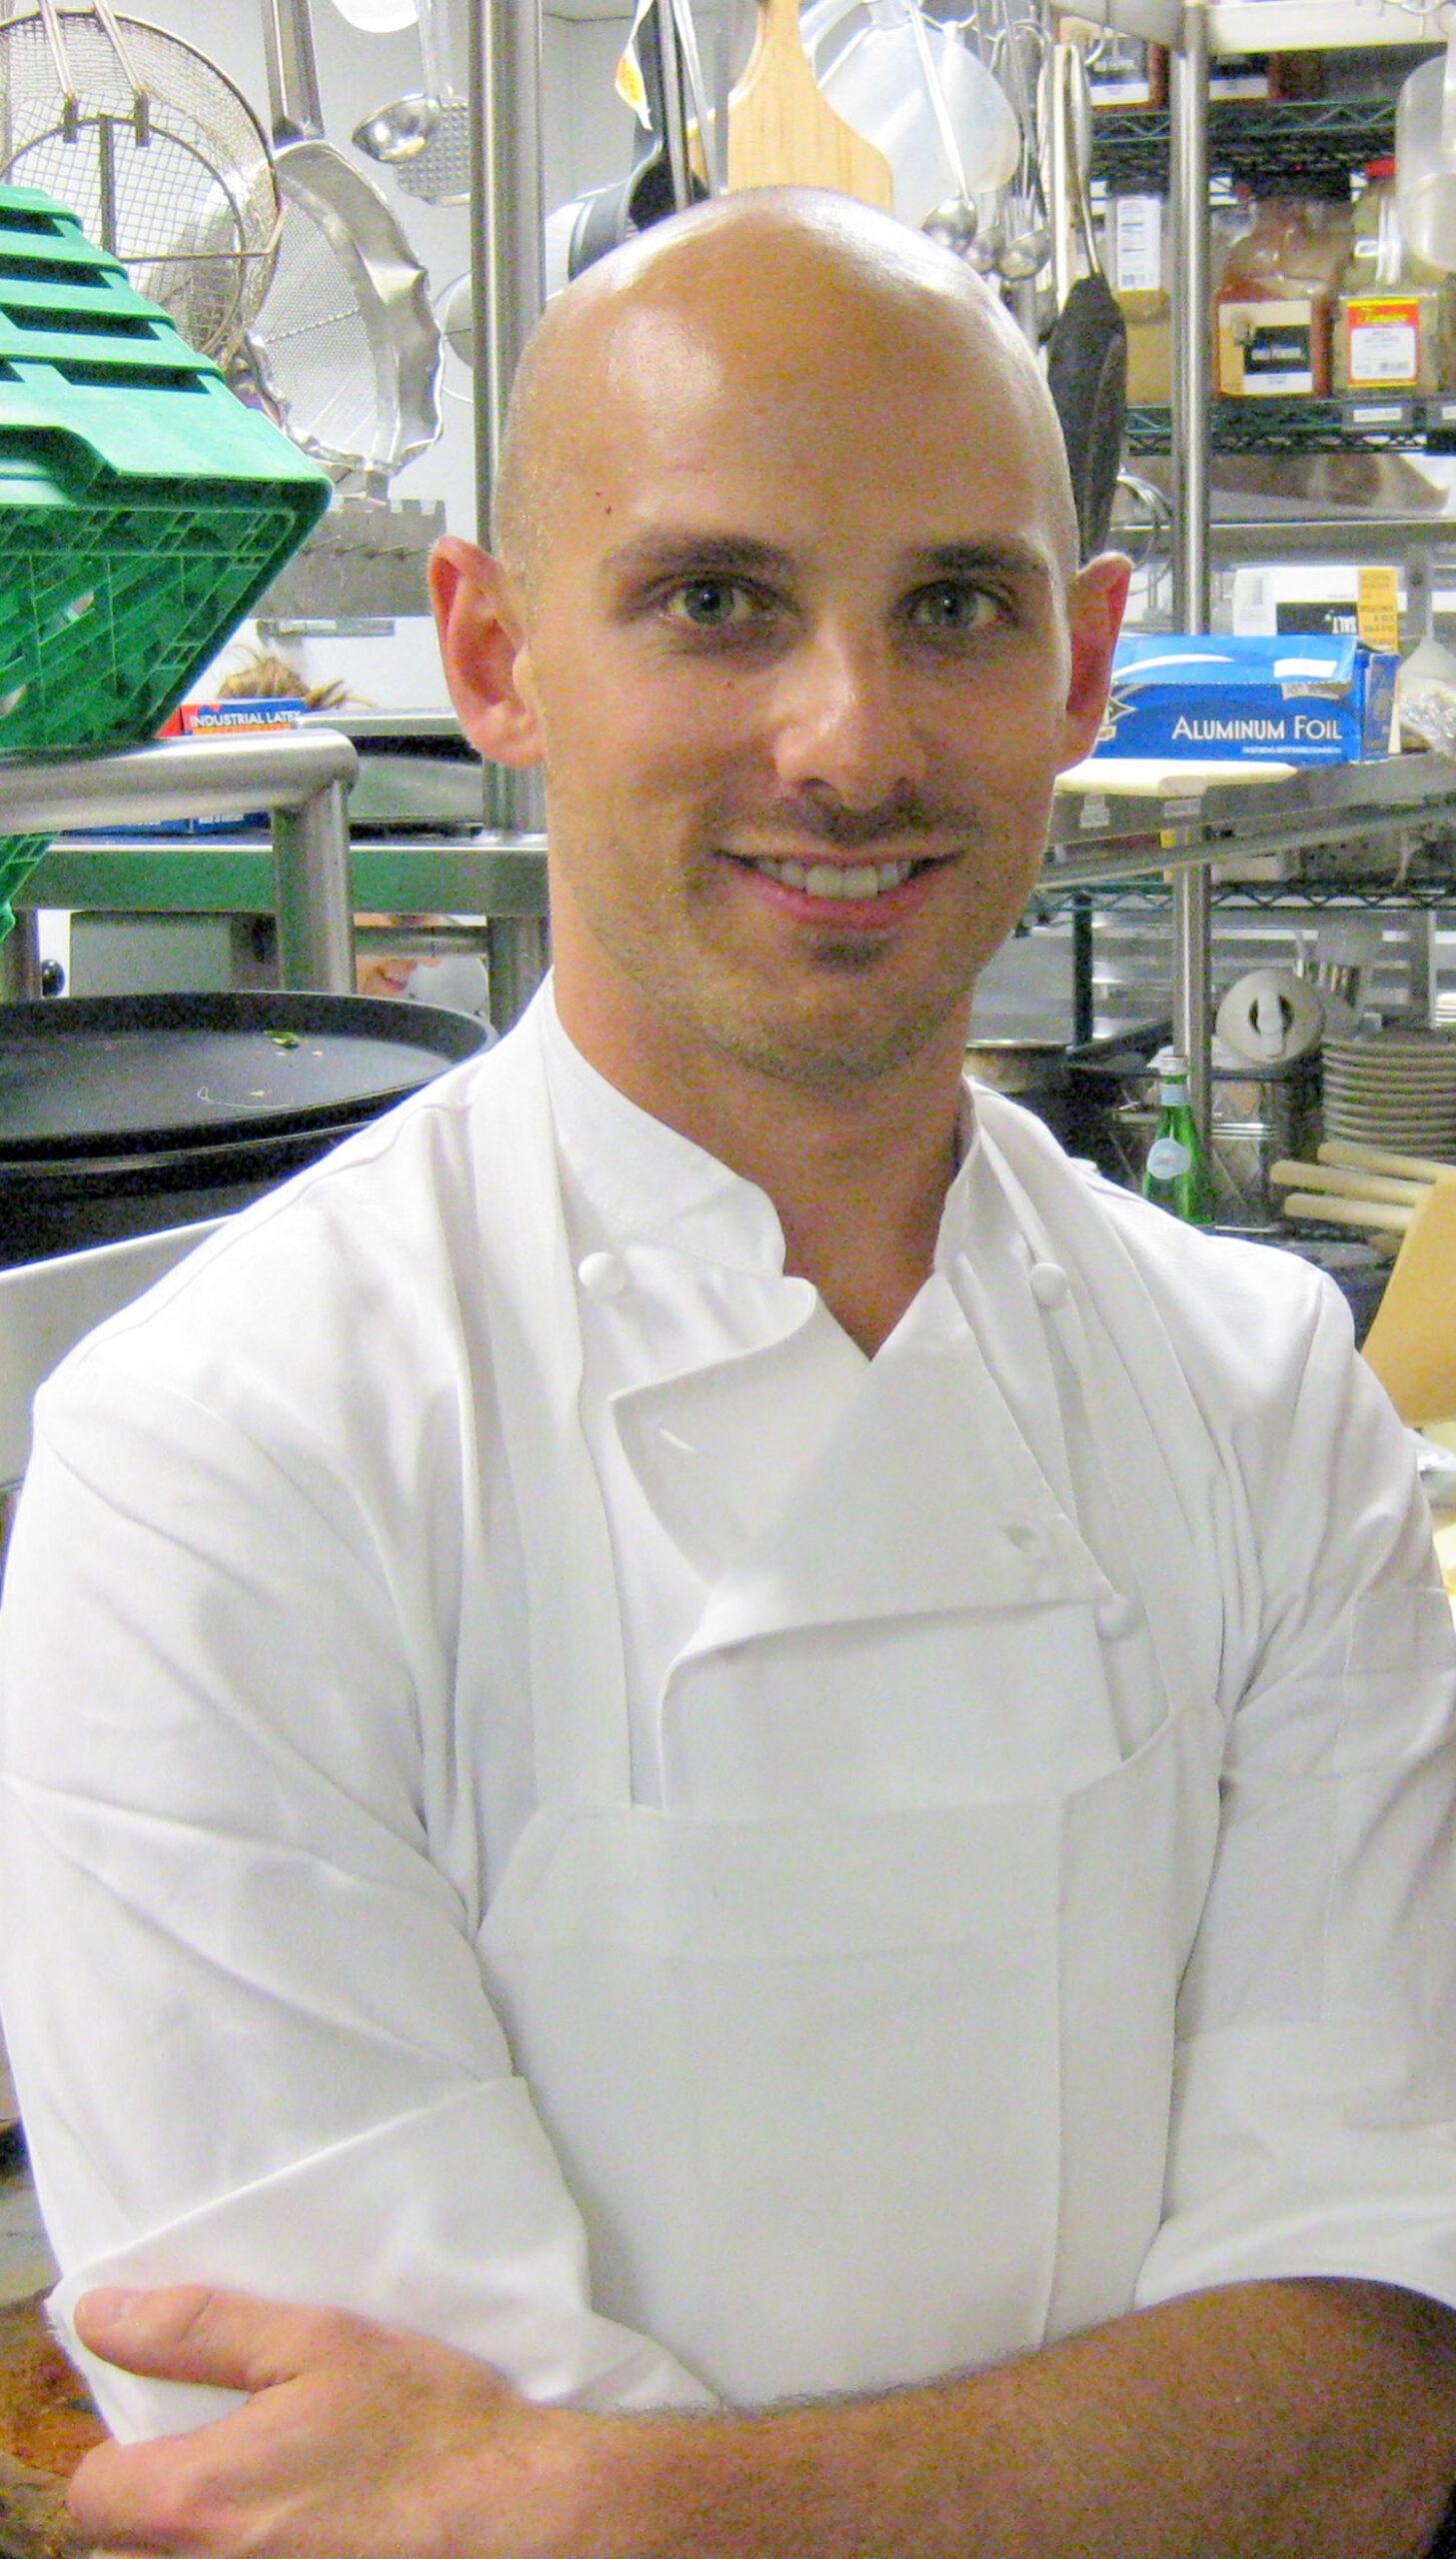 Chef Patrick Costa